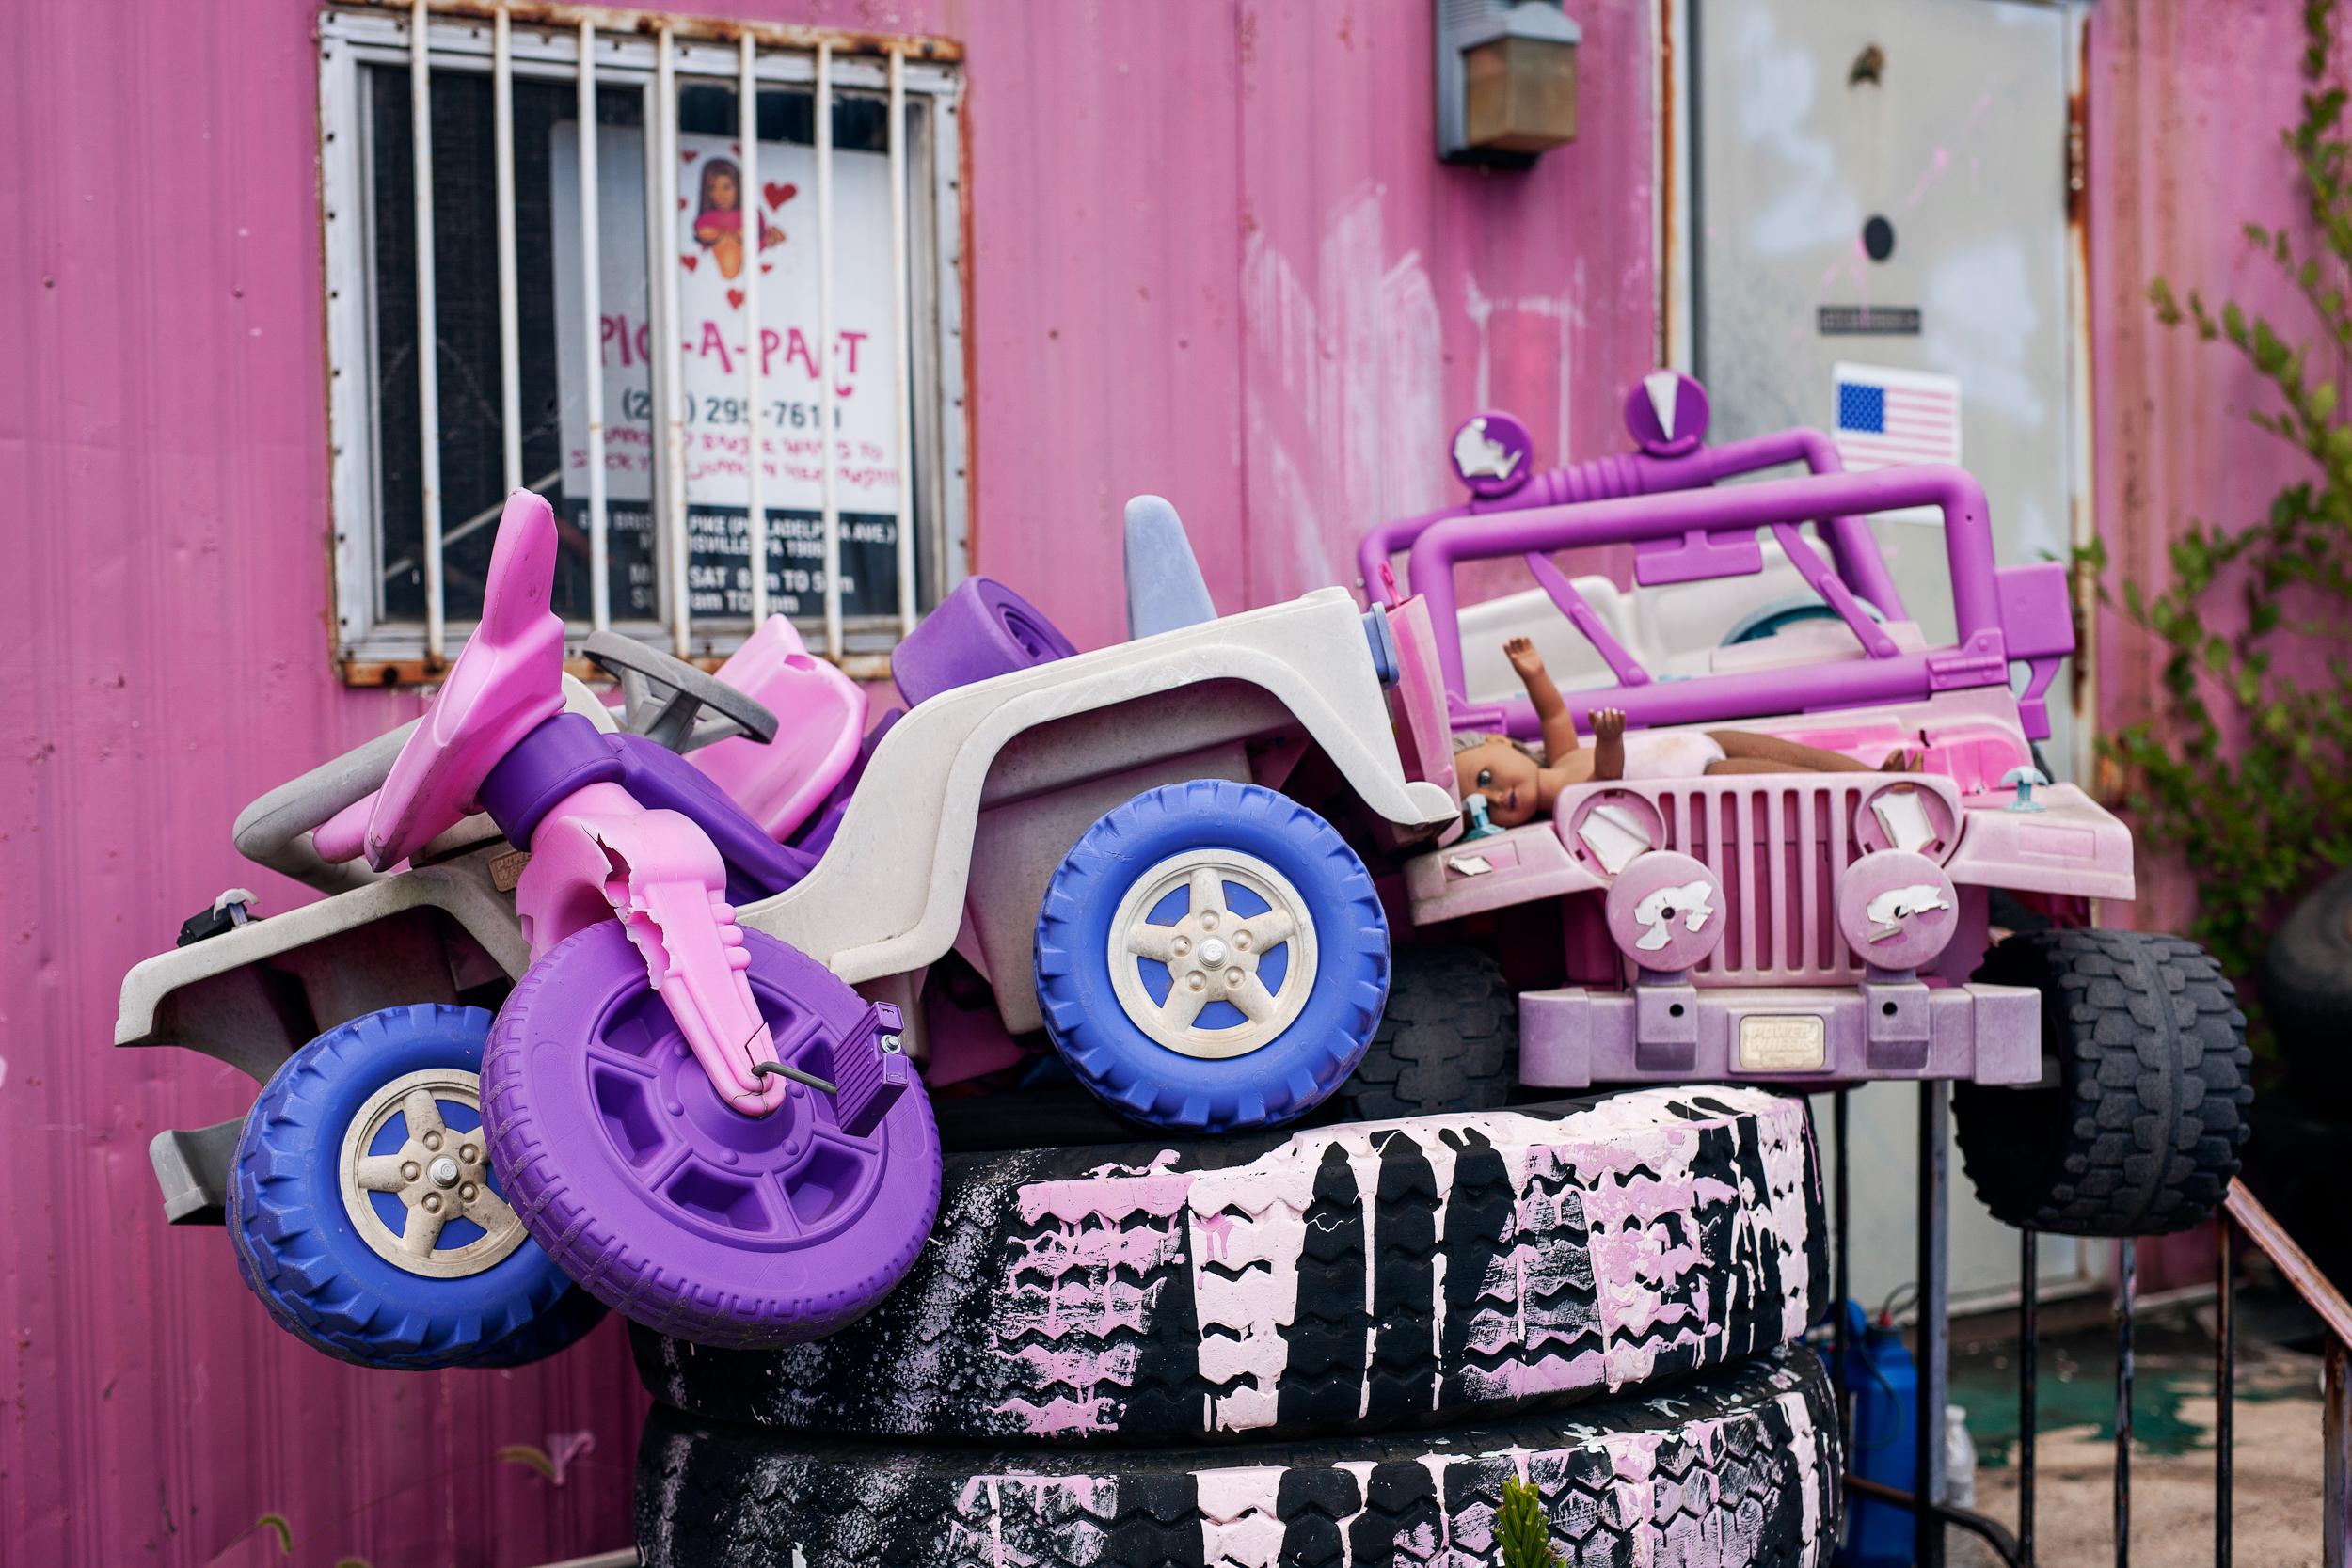 pink pick a part junkyard kids cars lawn art